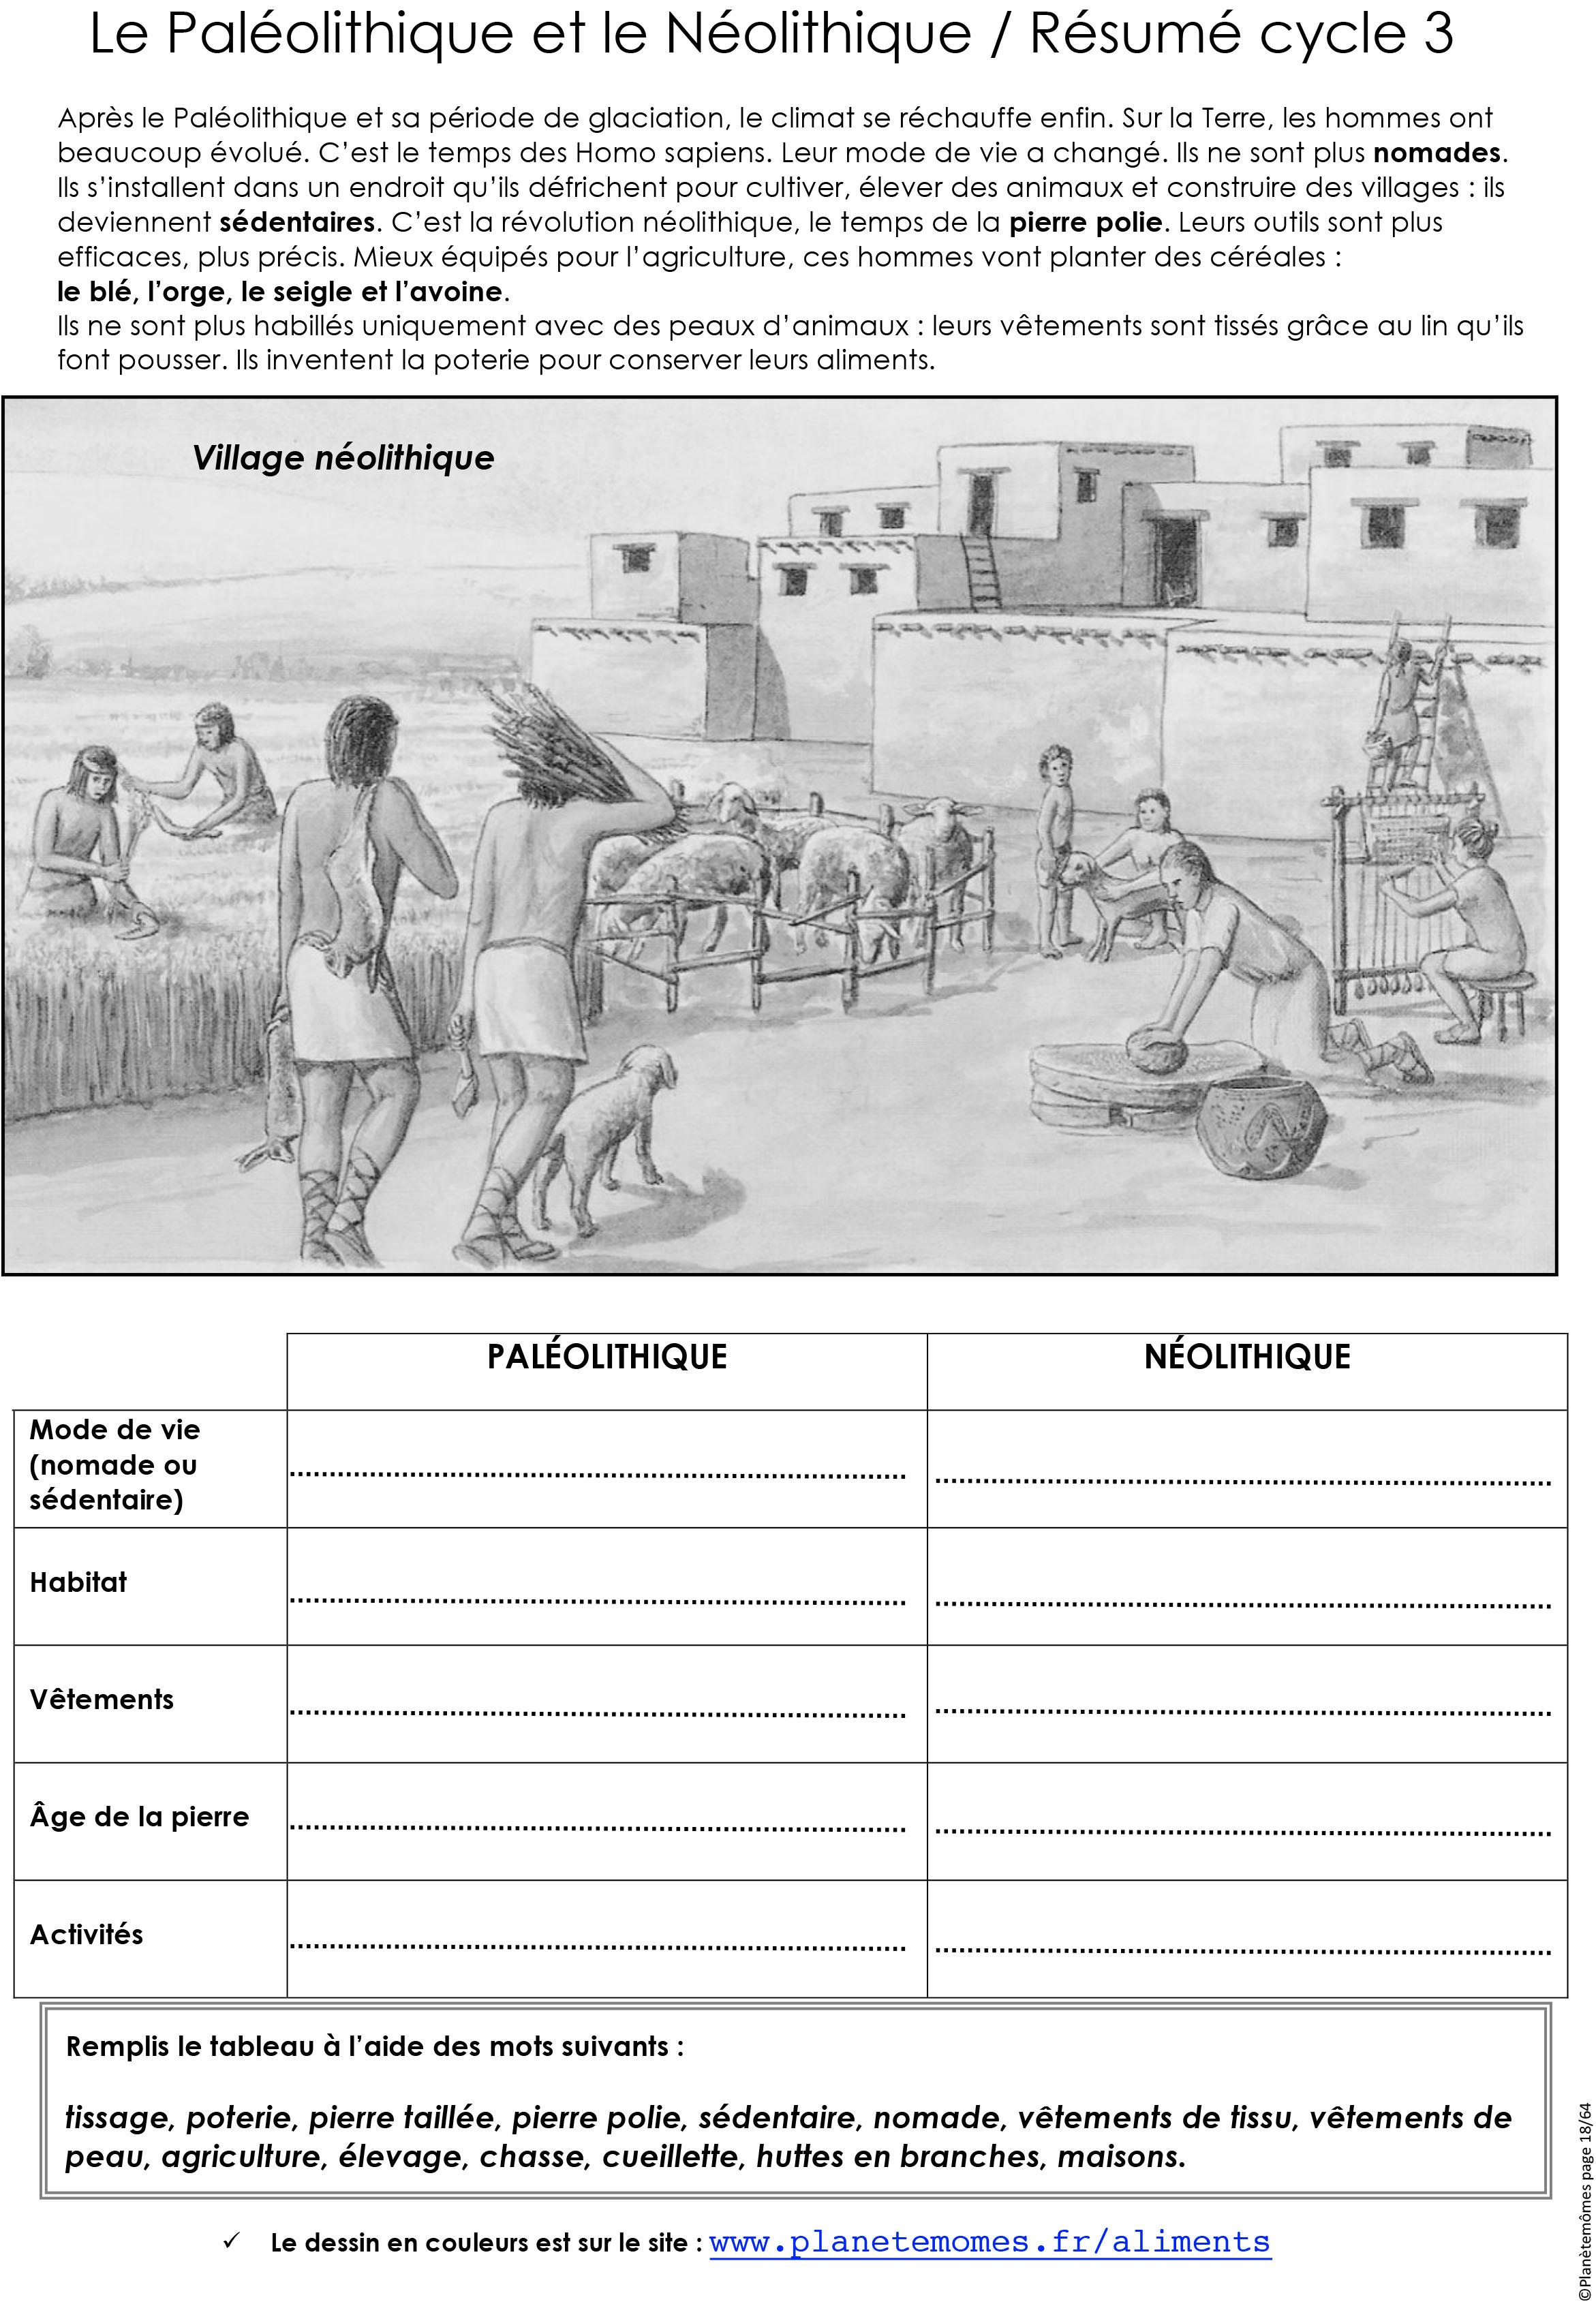 fp_18_le_Paléolithique_et_le_Néolithique_résumé_cycle_3